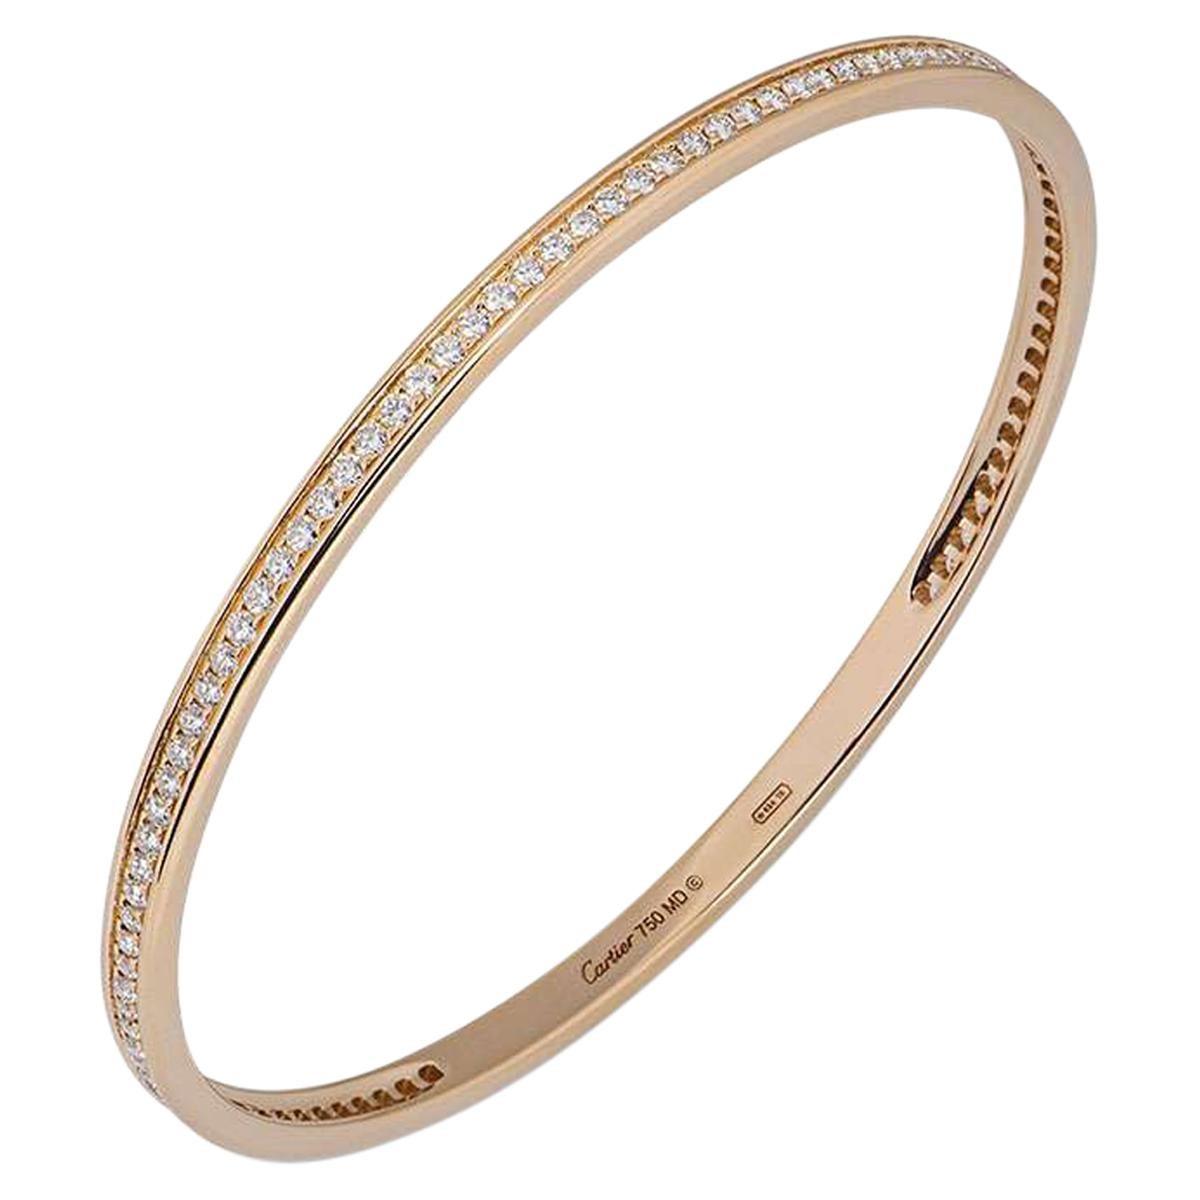 Cartier Rose Gold Diamond Bangle 2.28 Carat